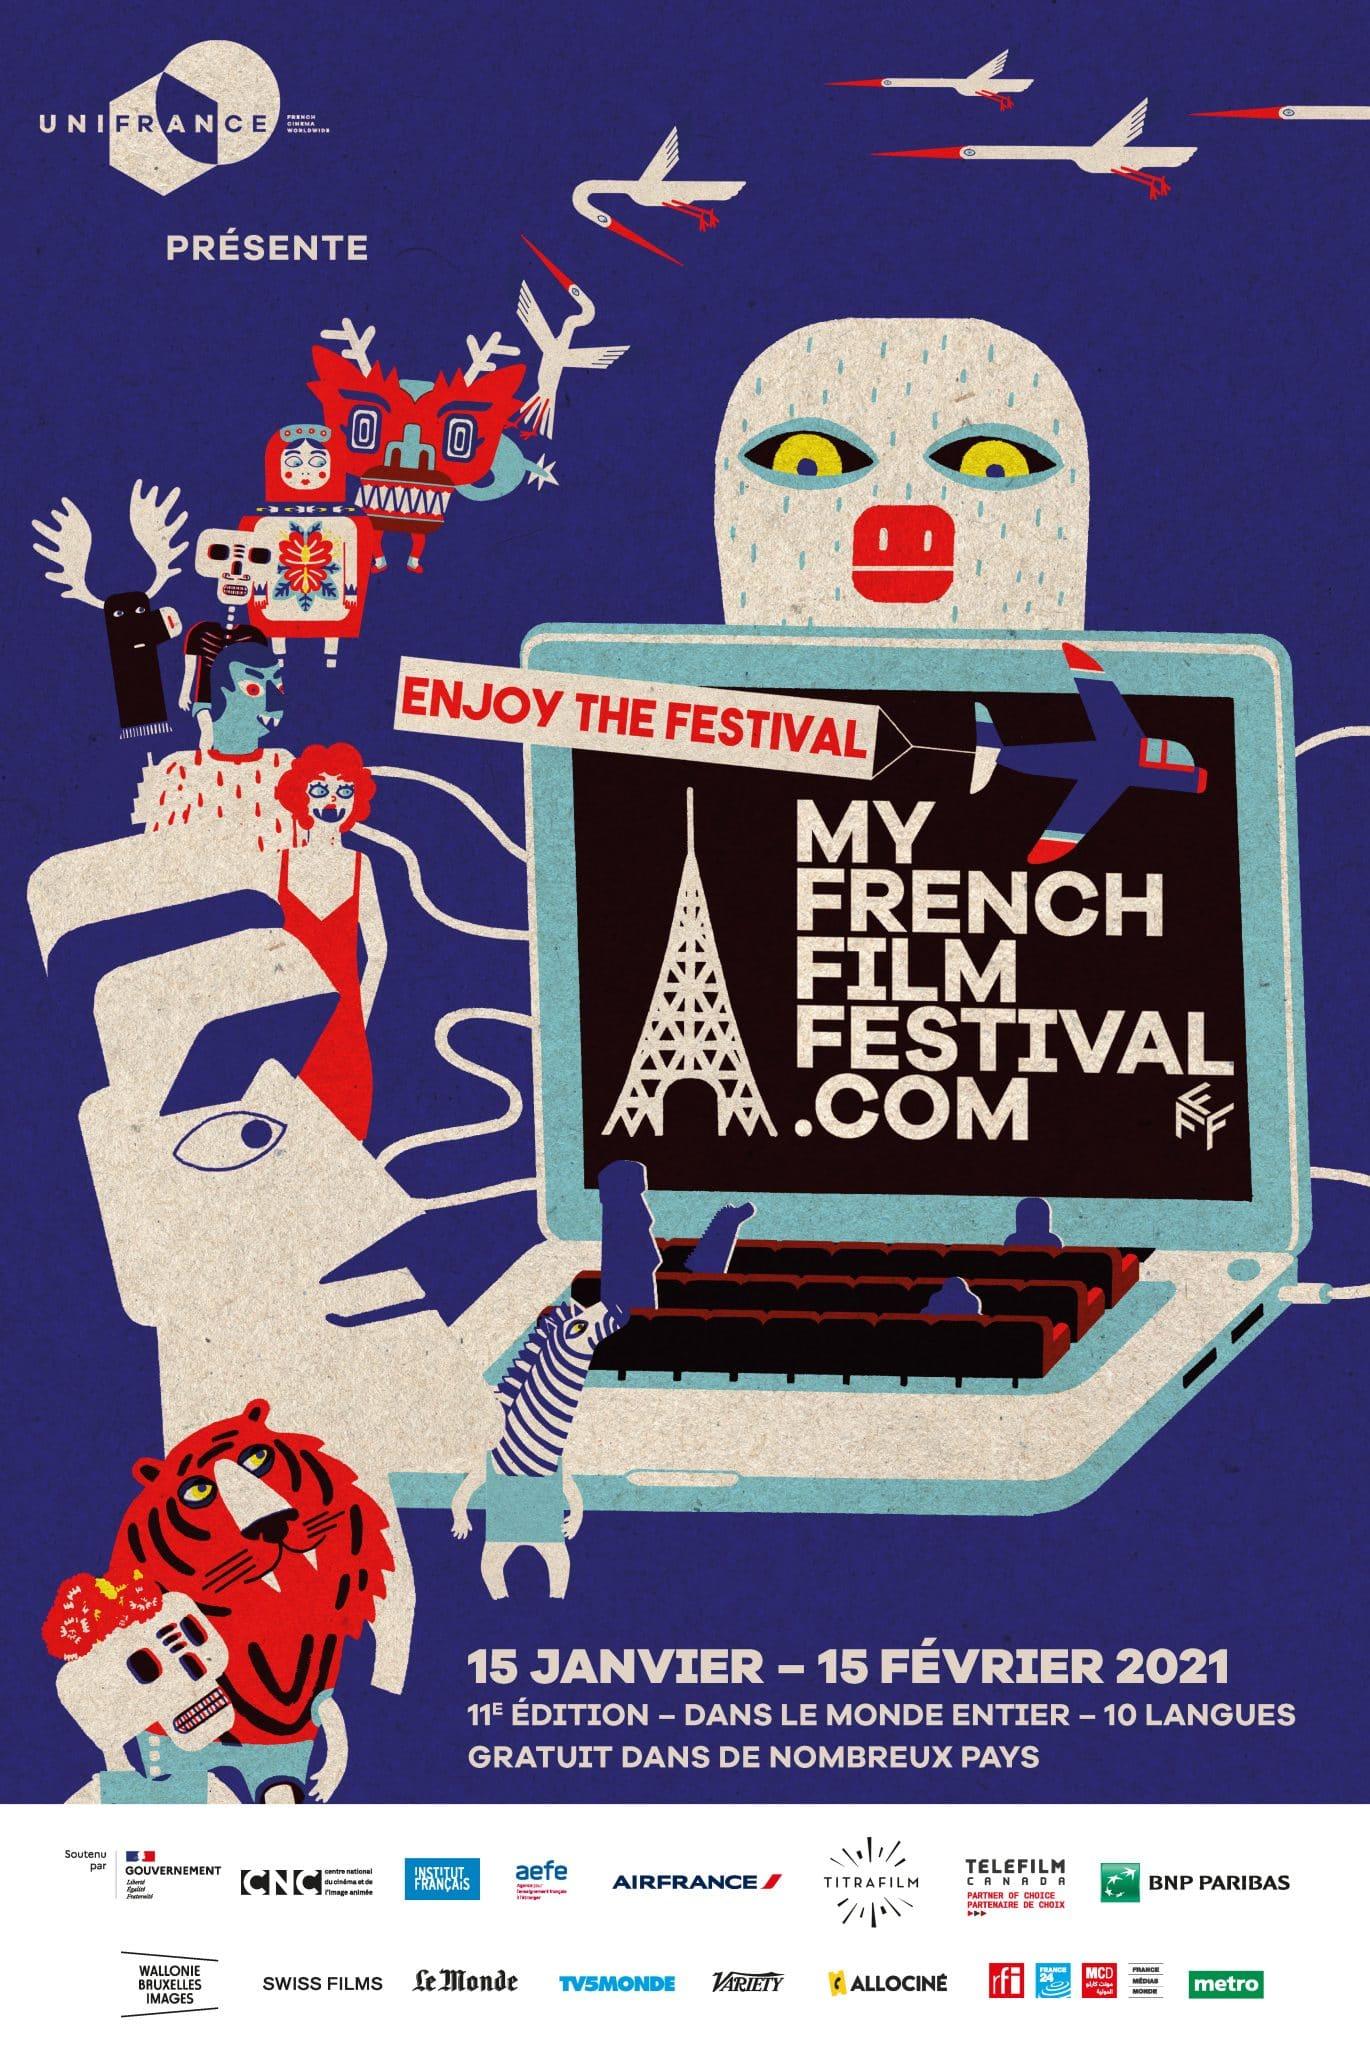 My french film - En ligne - festival - image - film - court métrage - long métrage - français